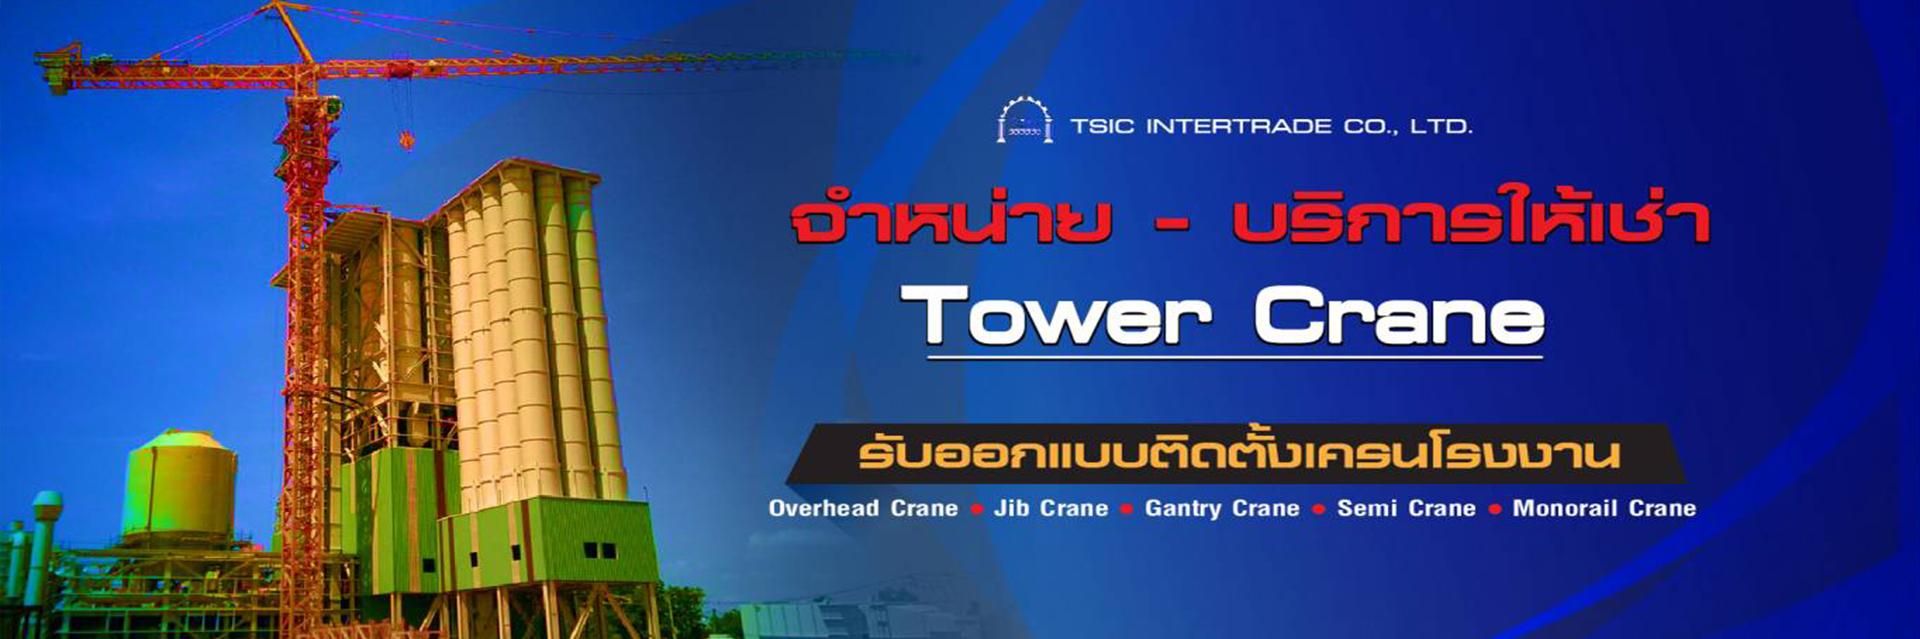 https://www.tsic-crane.com/